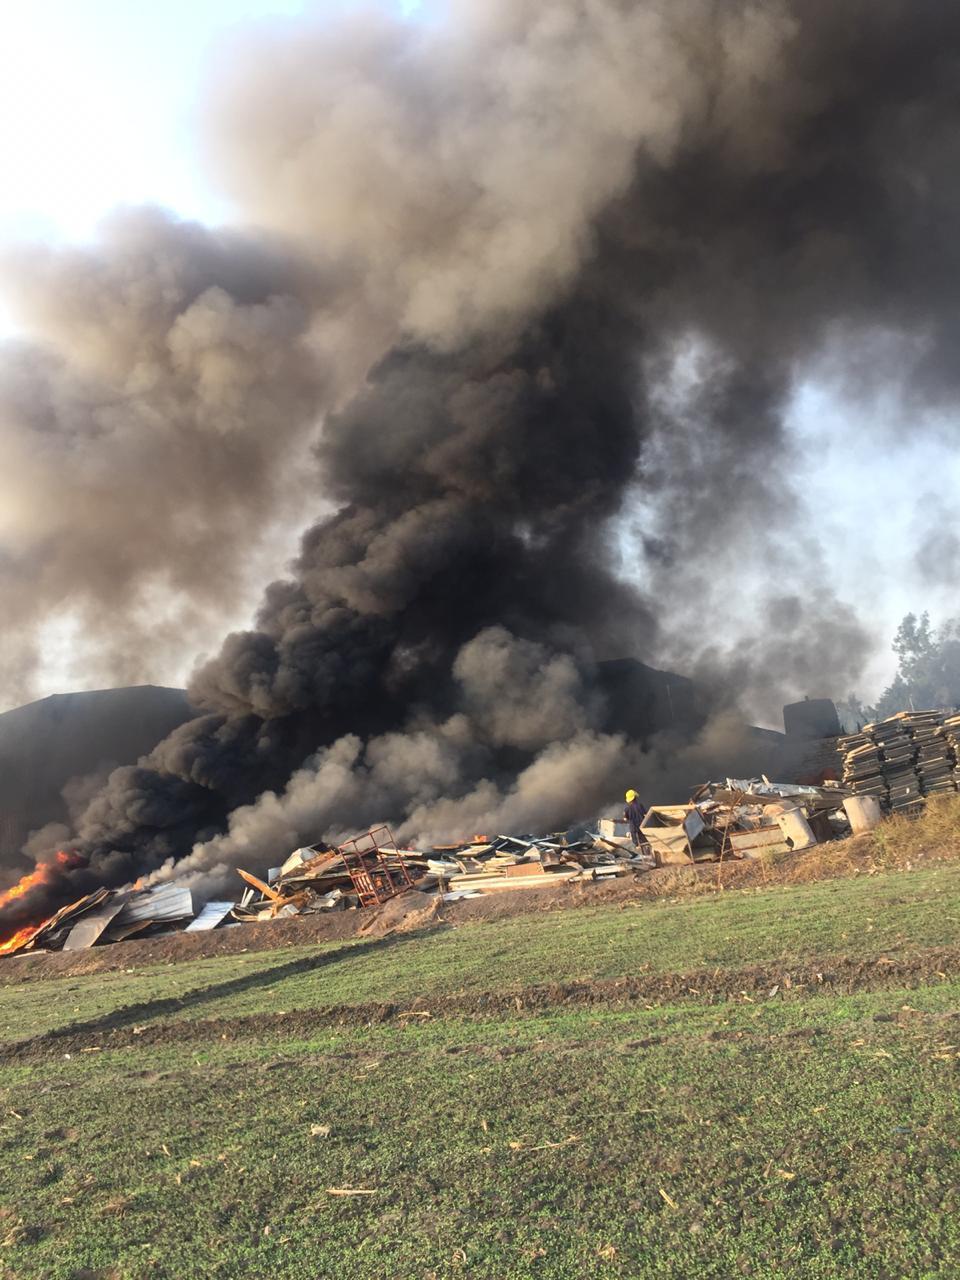 حريق هائل بشونة خردة بطريق  زفتي - طنطا  في الغربية  (3)